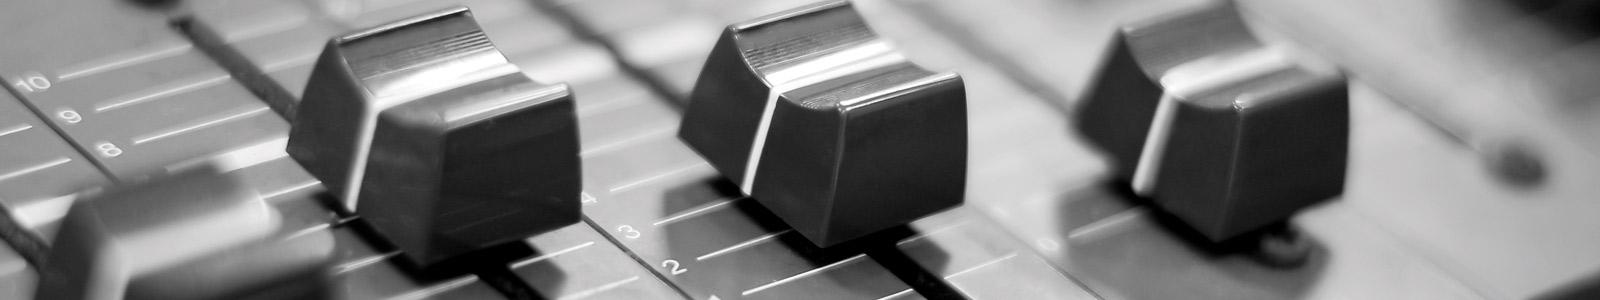 audio recording and design